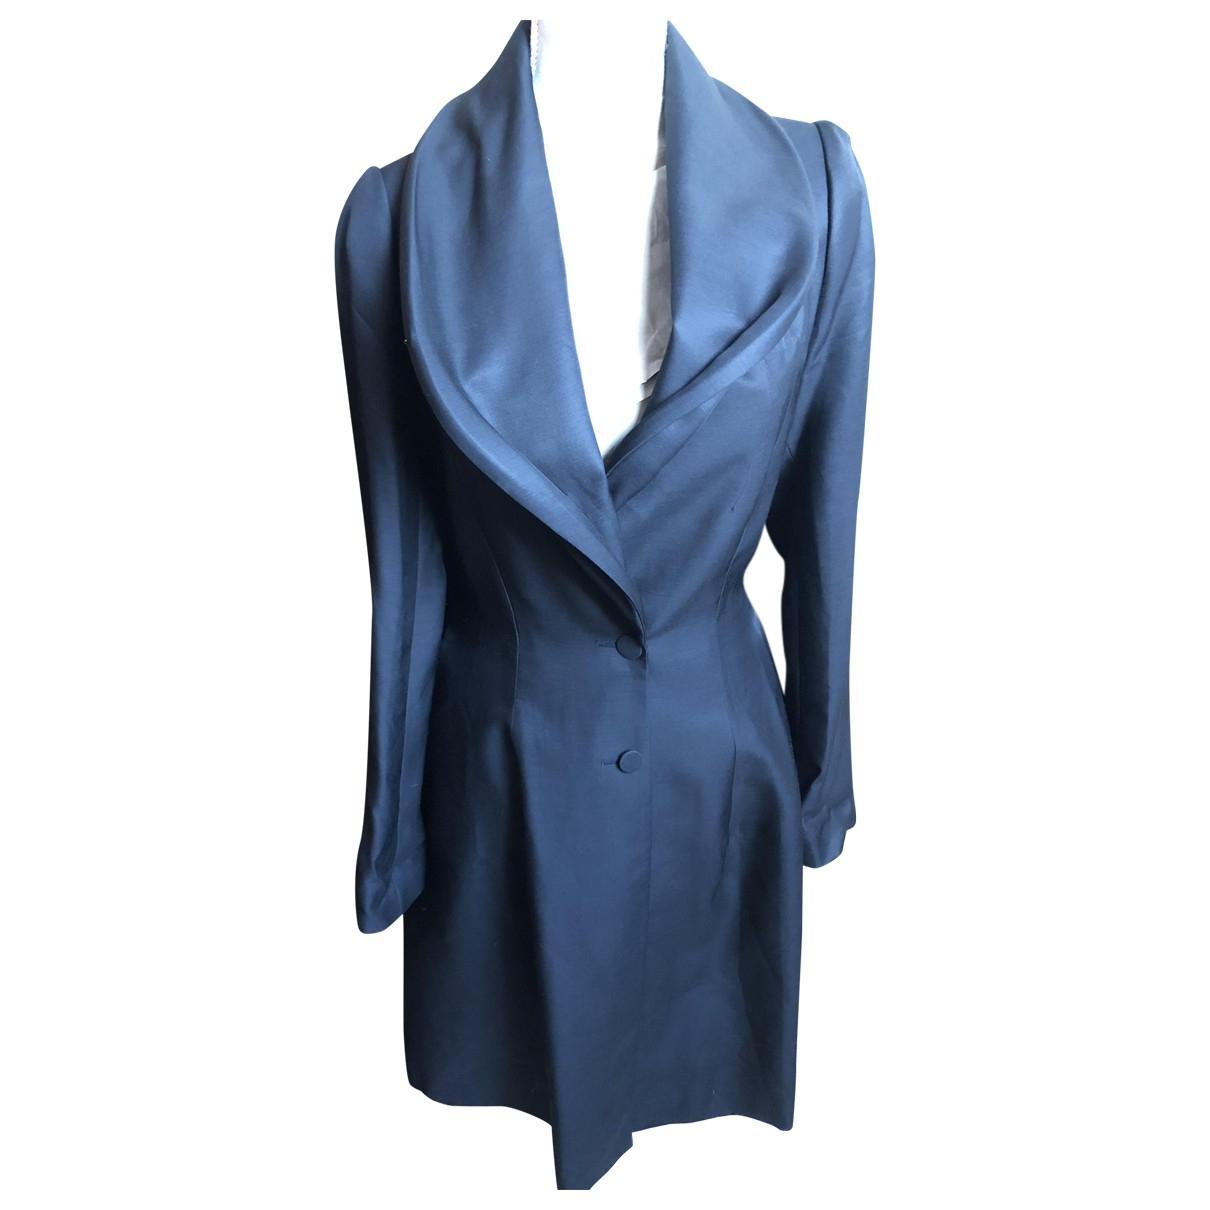 Sophia Kokosalaki - Manteau   pour femme en laine - noir